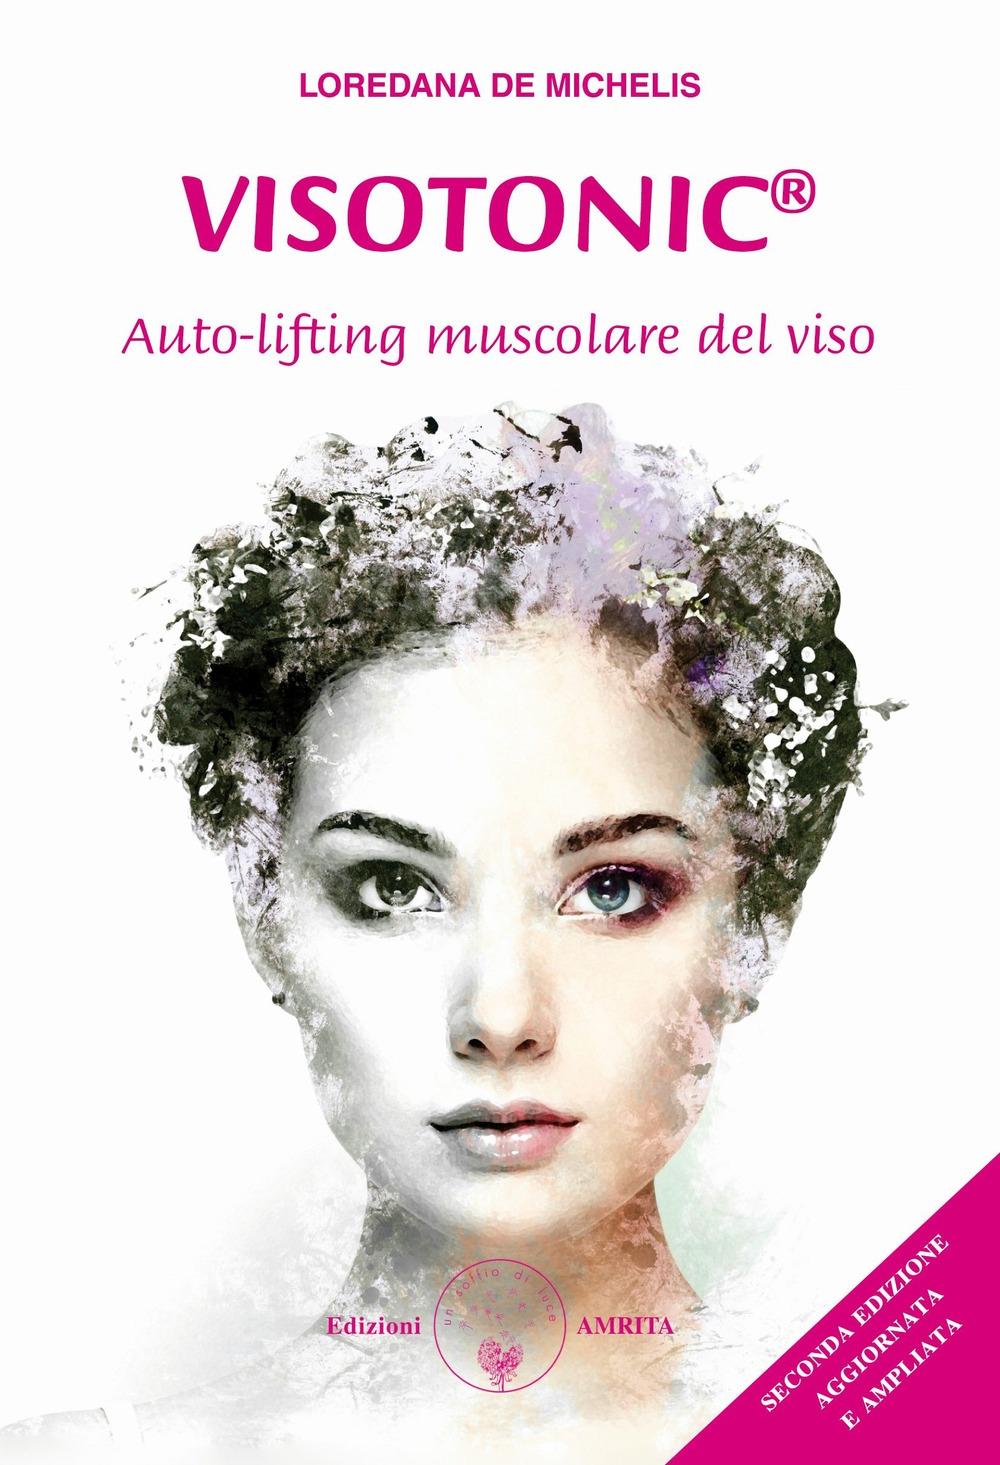 Visotonic®. Auto-lifting muscolare del viso